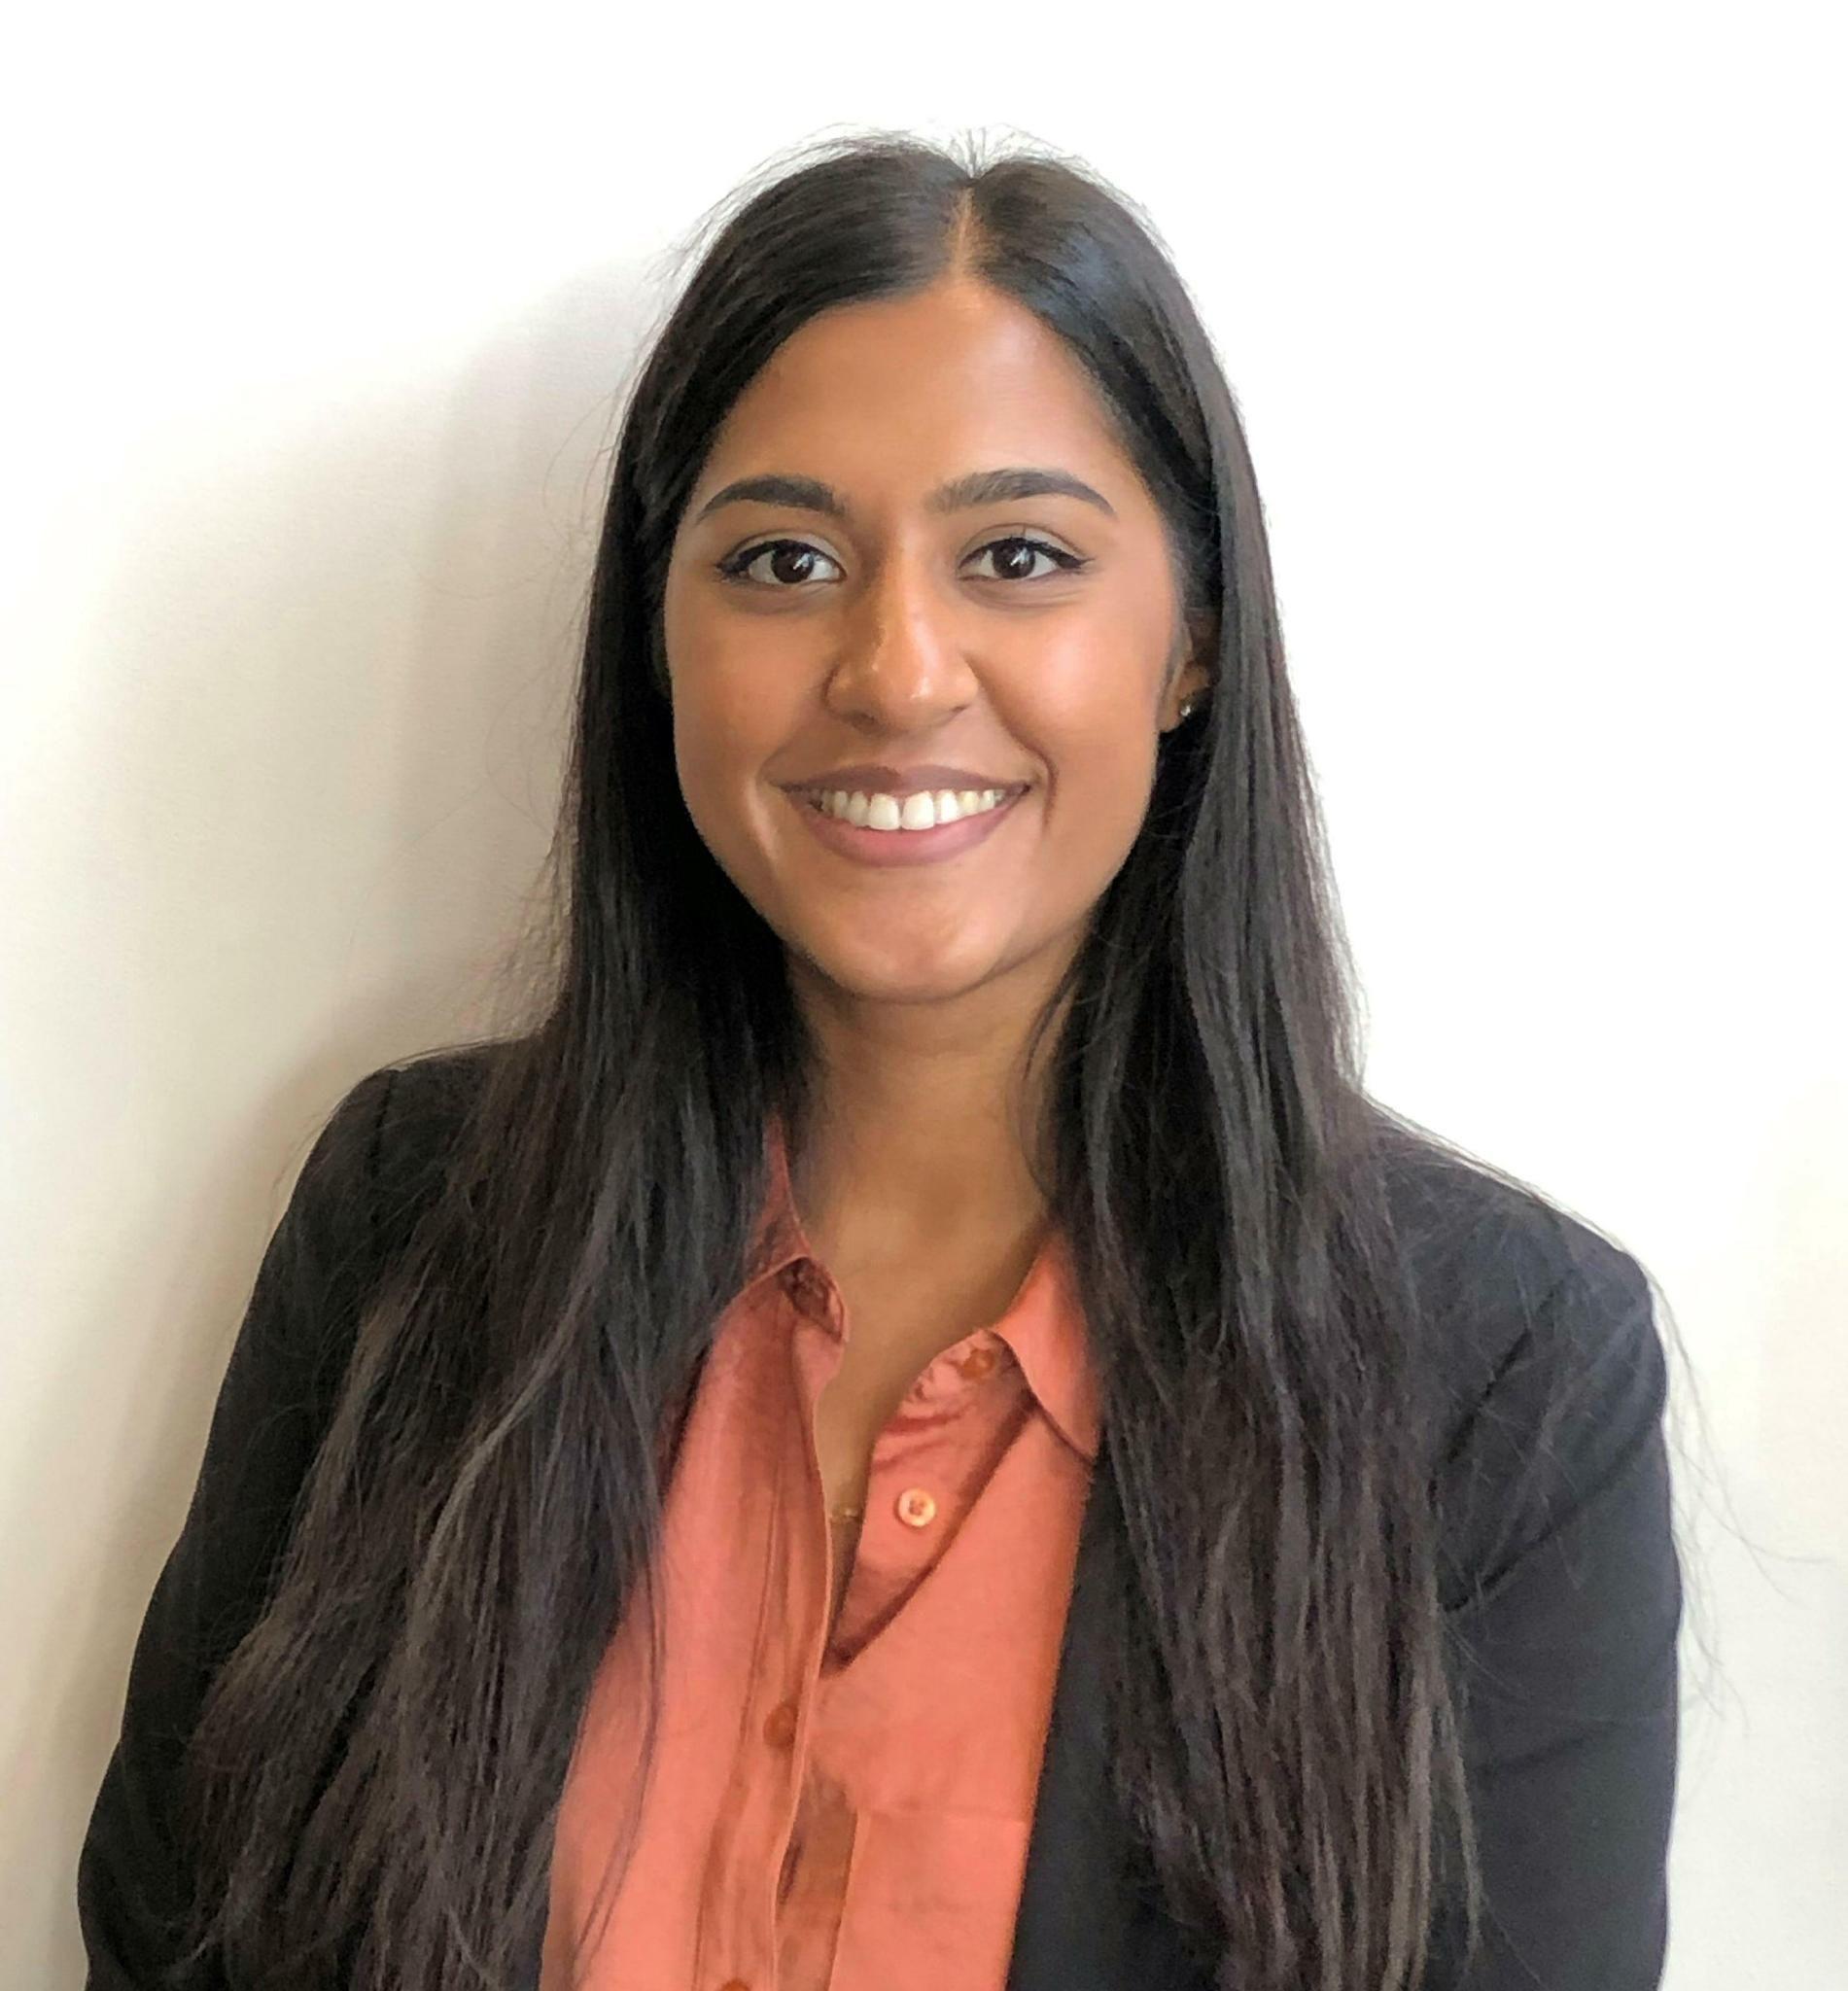 Imaani Hashamy